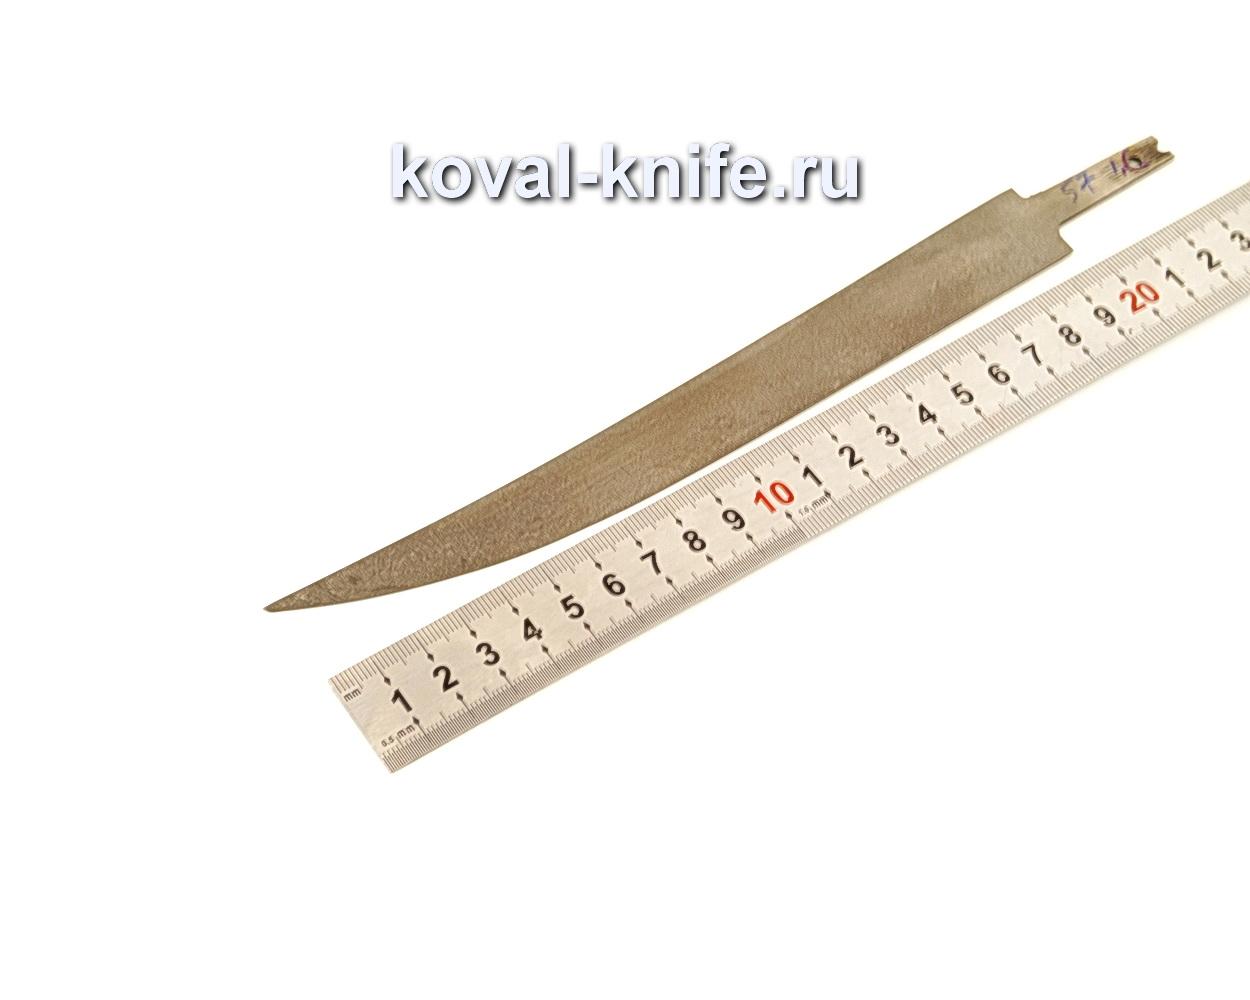 Клинок для филейного ножа из из булатной стали N57